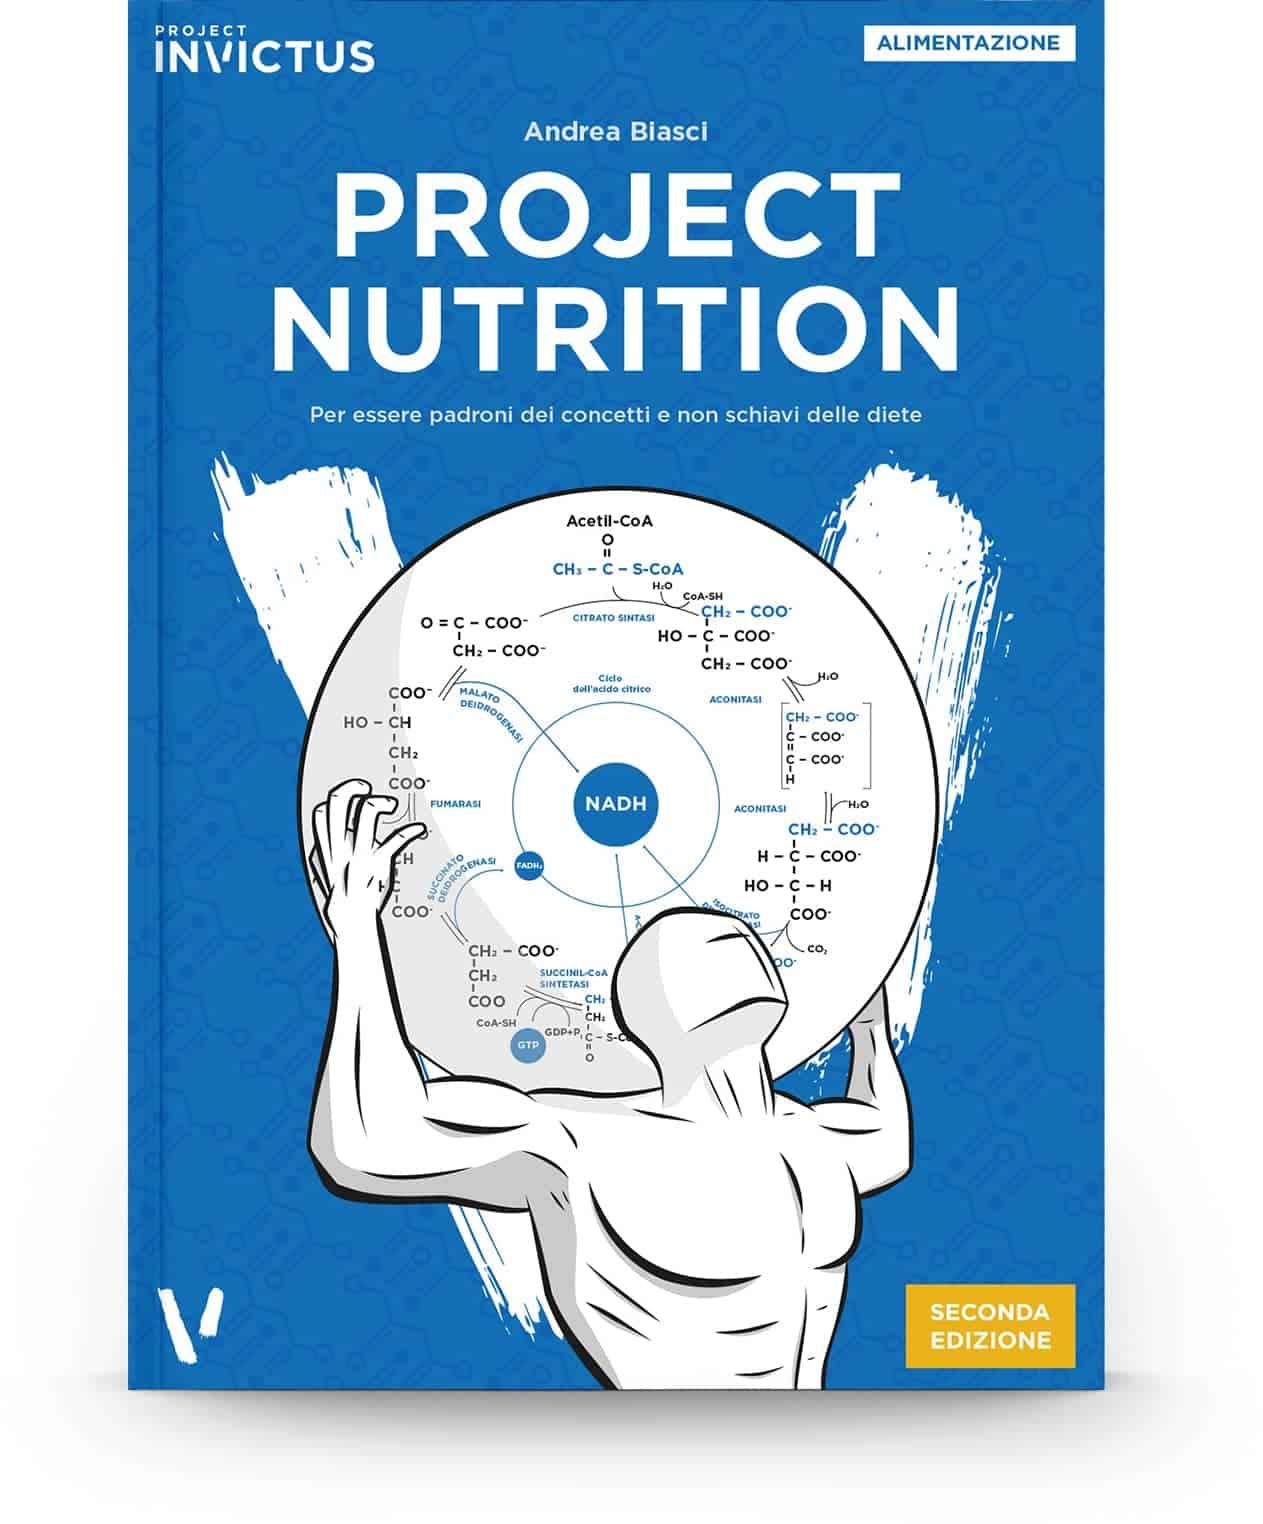 Project Nutrition Seconda Edizione Libro